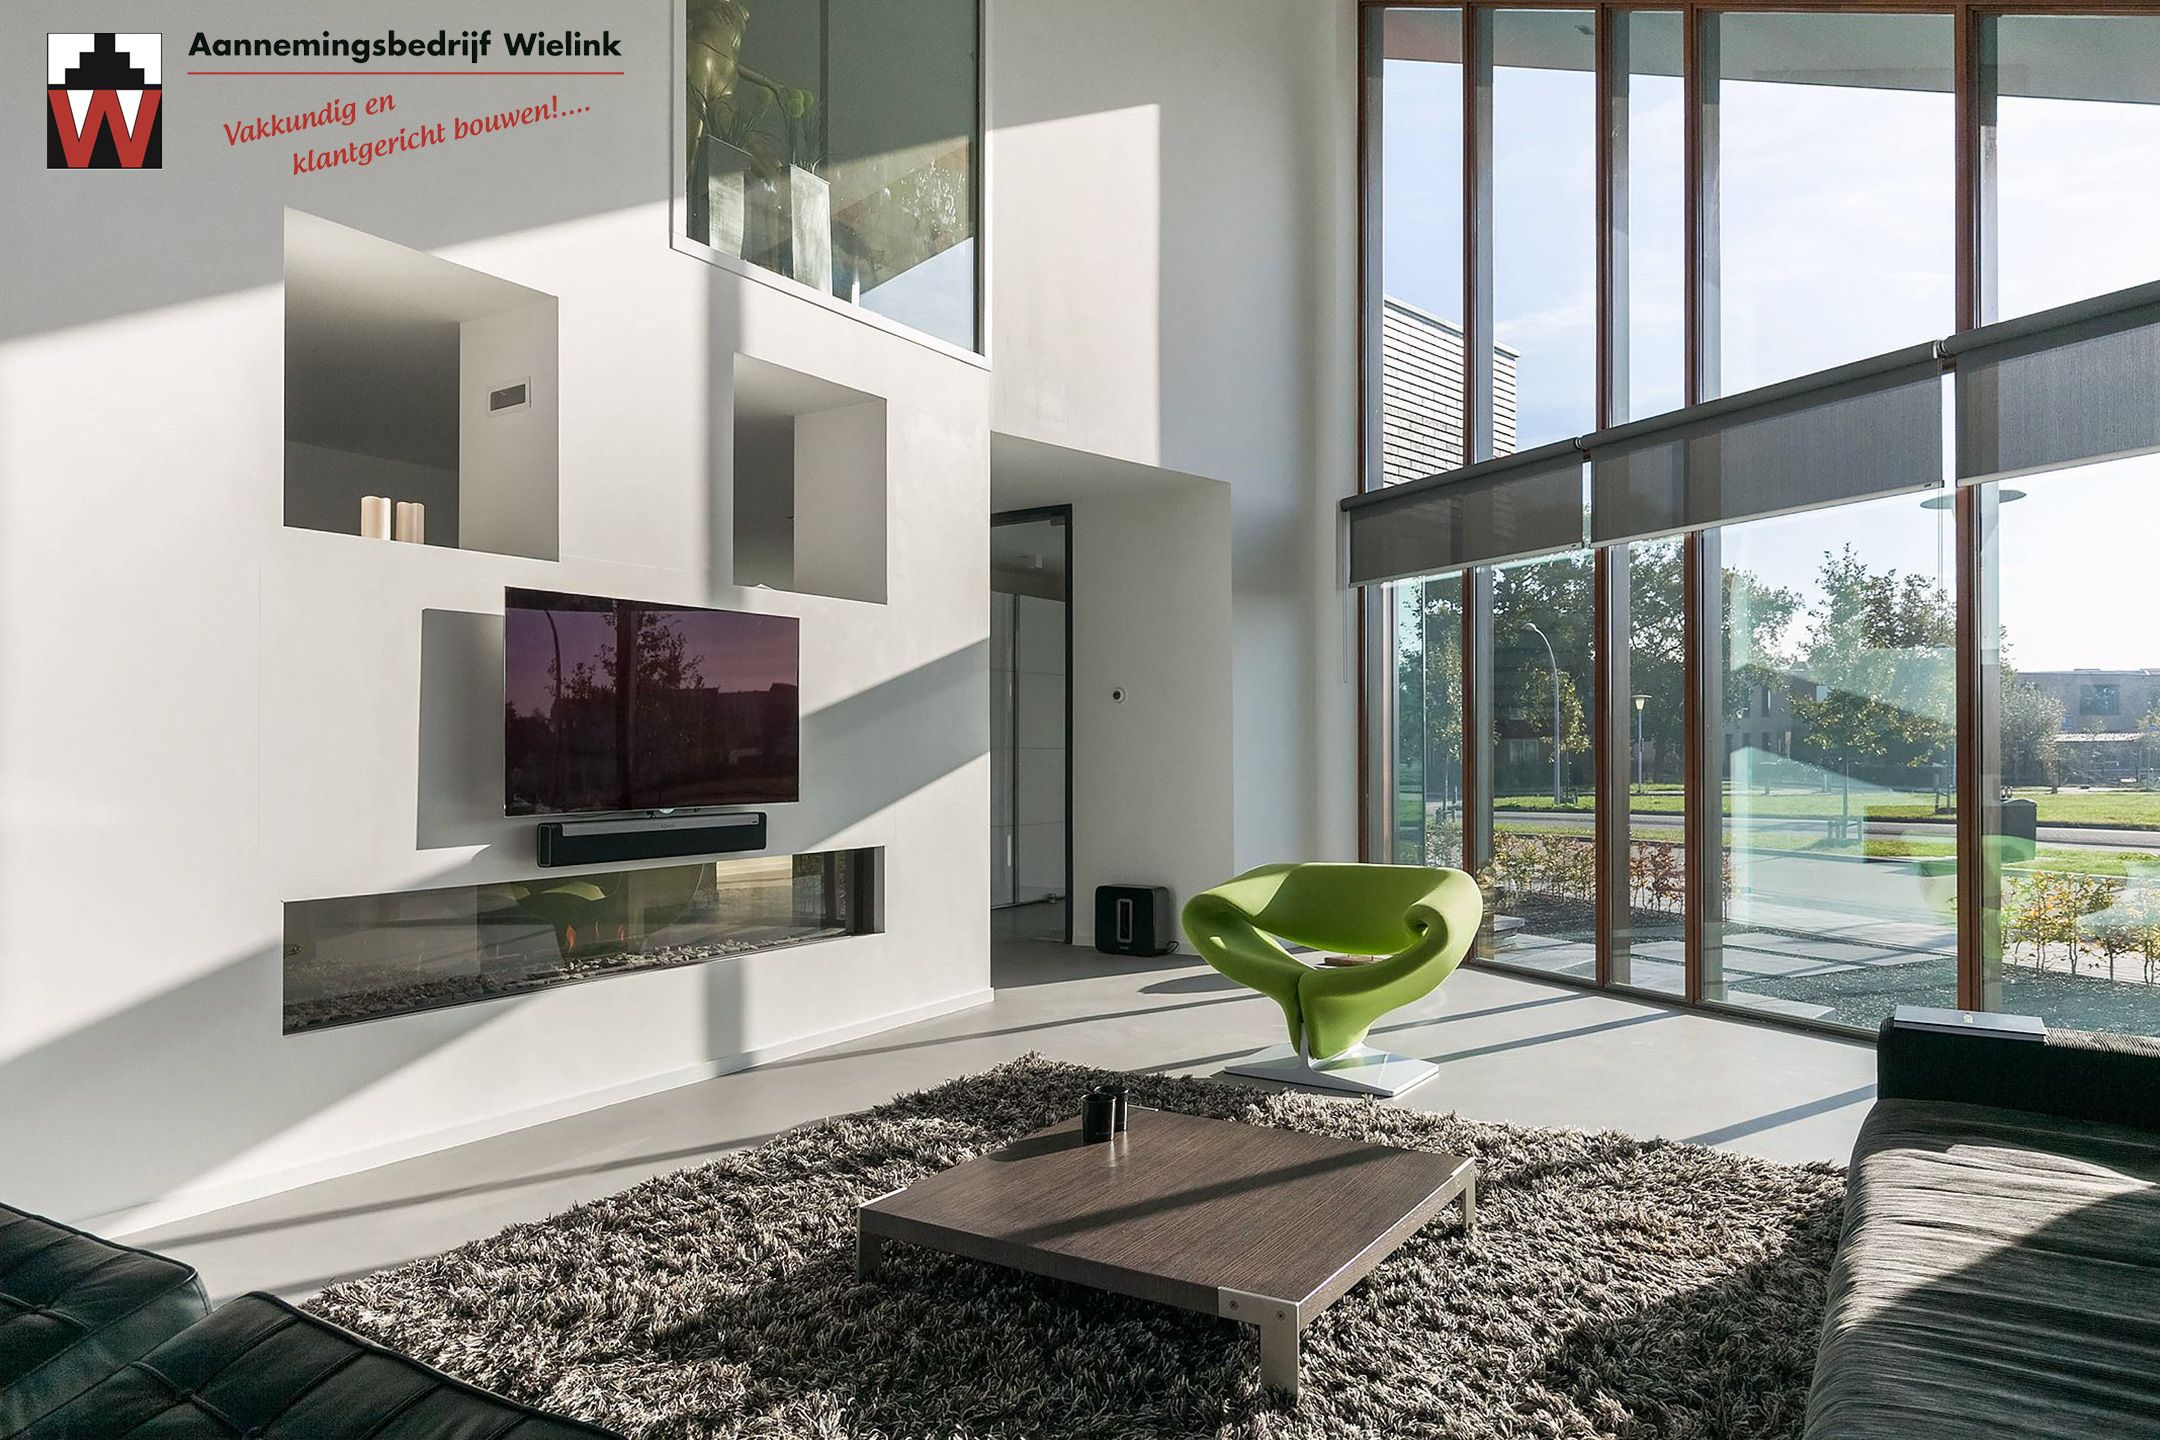 93 moderne woonkamer ideeen voor het inrichten van een rijhuis pictures strak en modern for Deco woonkamer moderne woonkamer